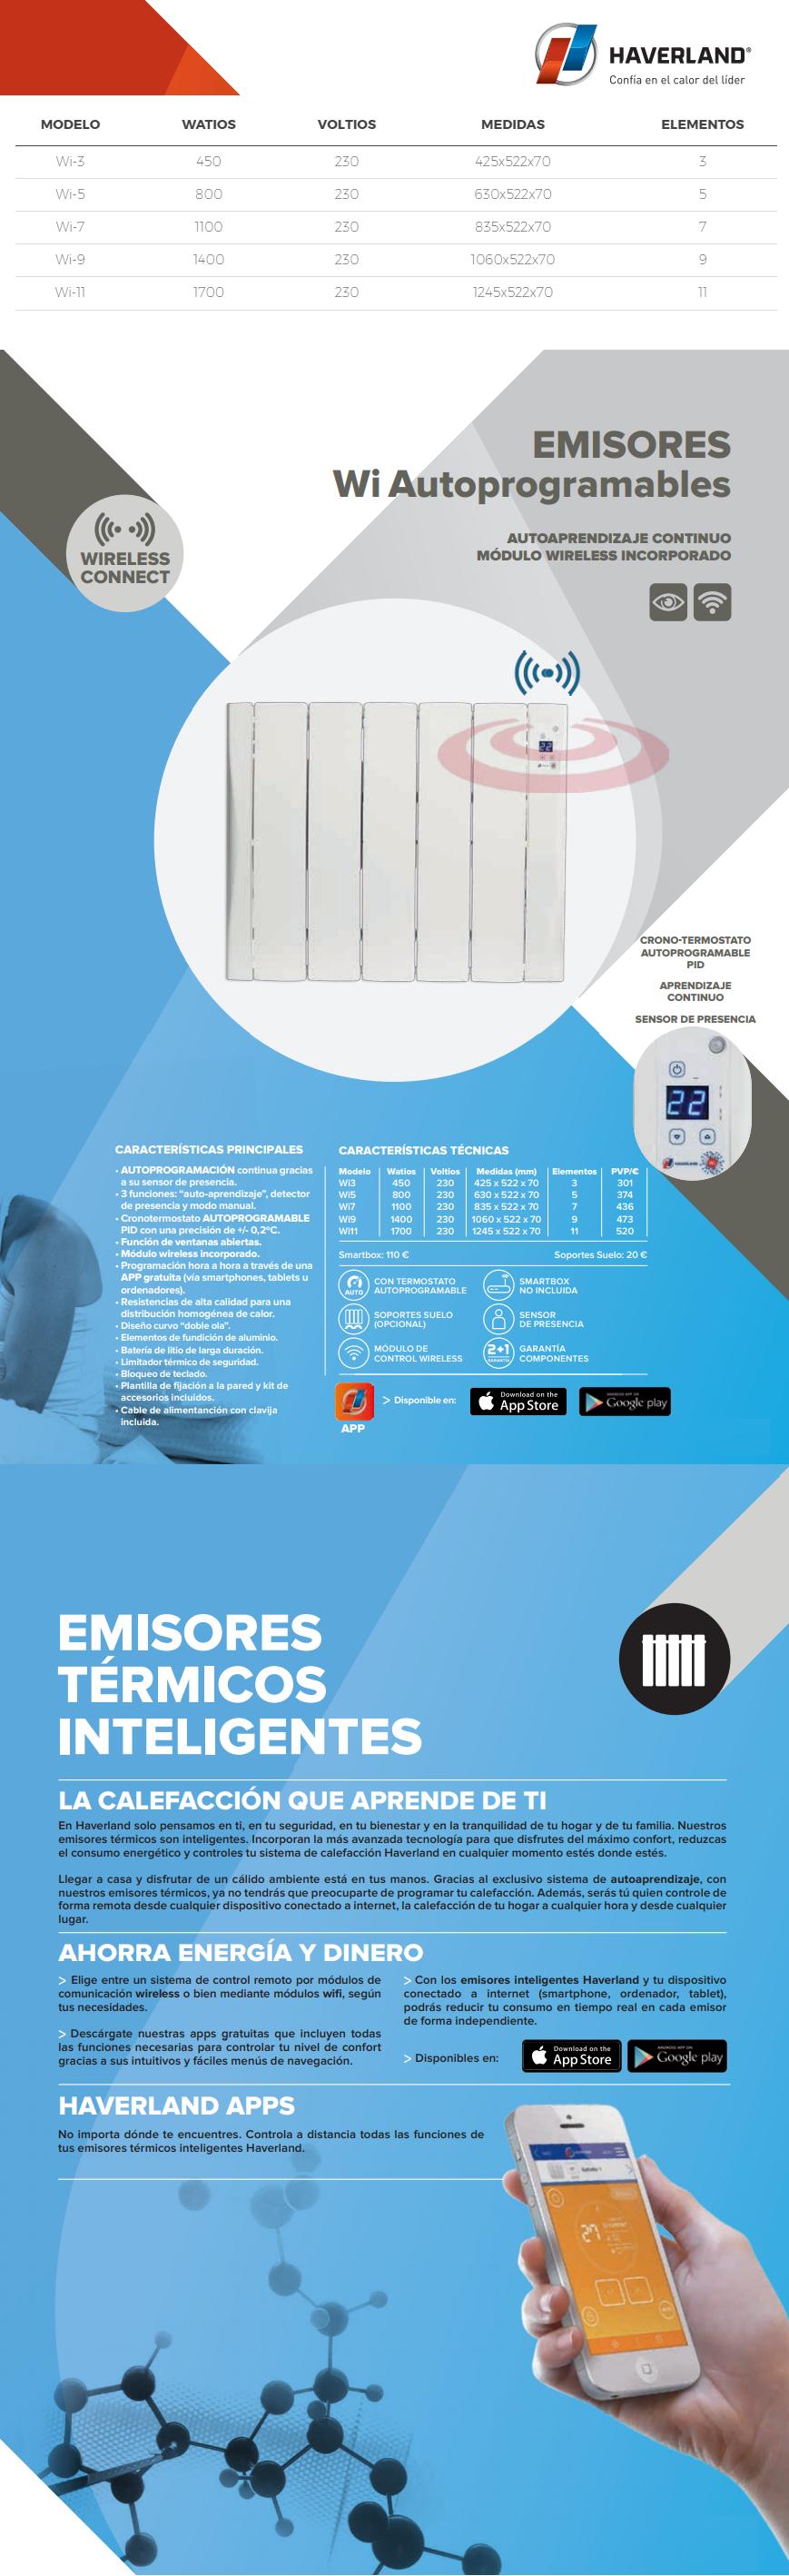 Emisor t rmico wi haverland de bajo consumo - Emisores termicos de bajo consumo ...